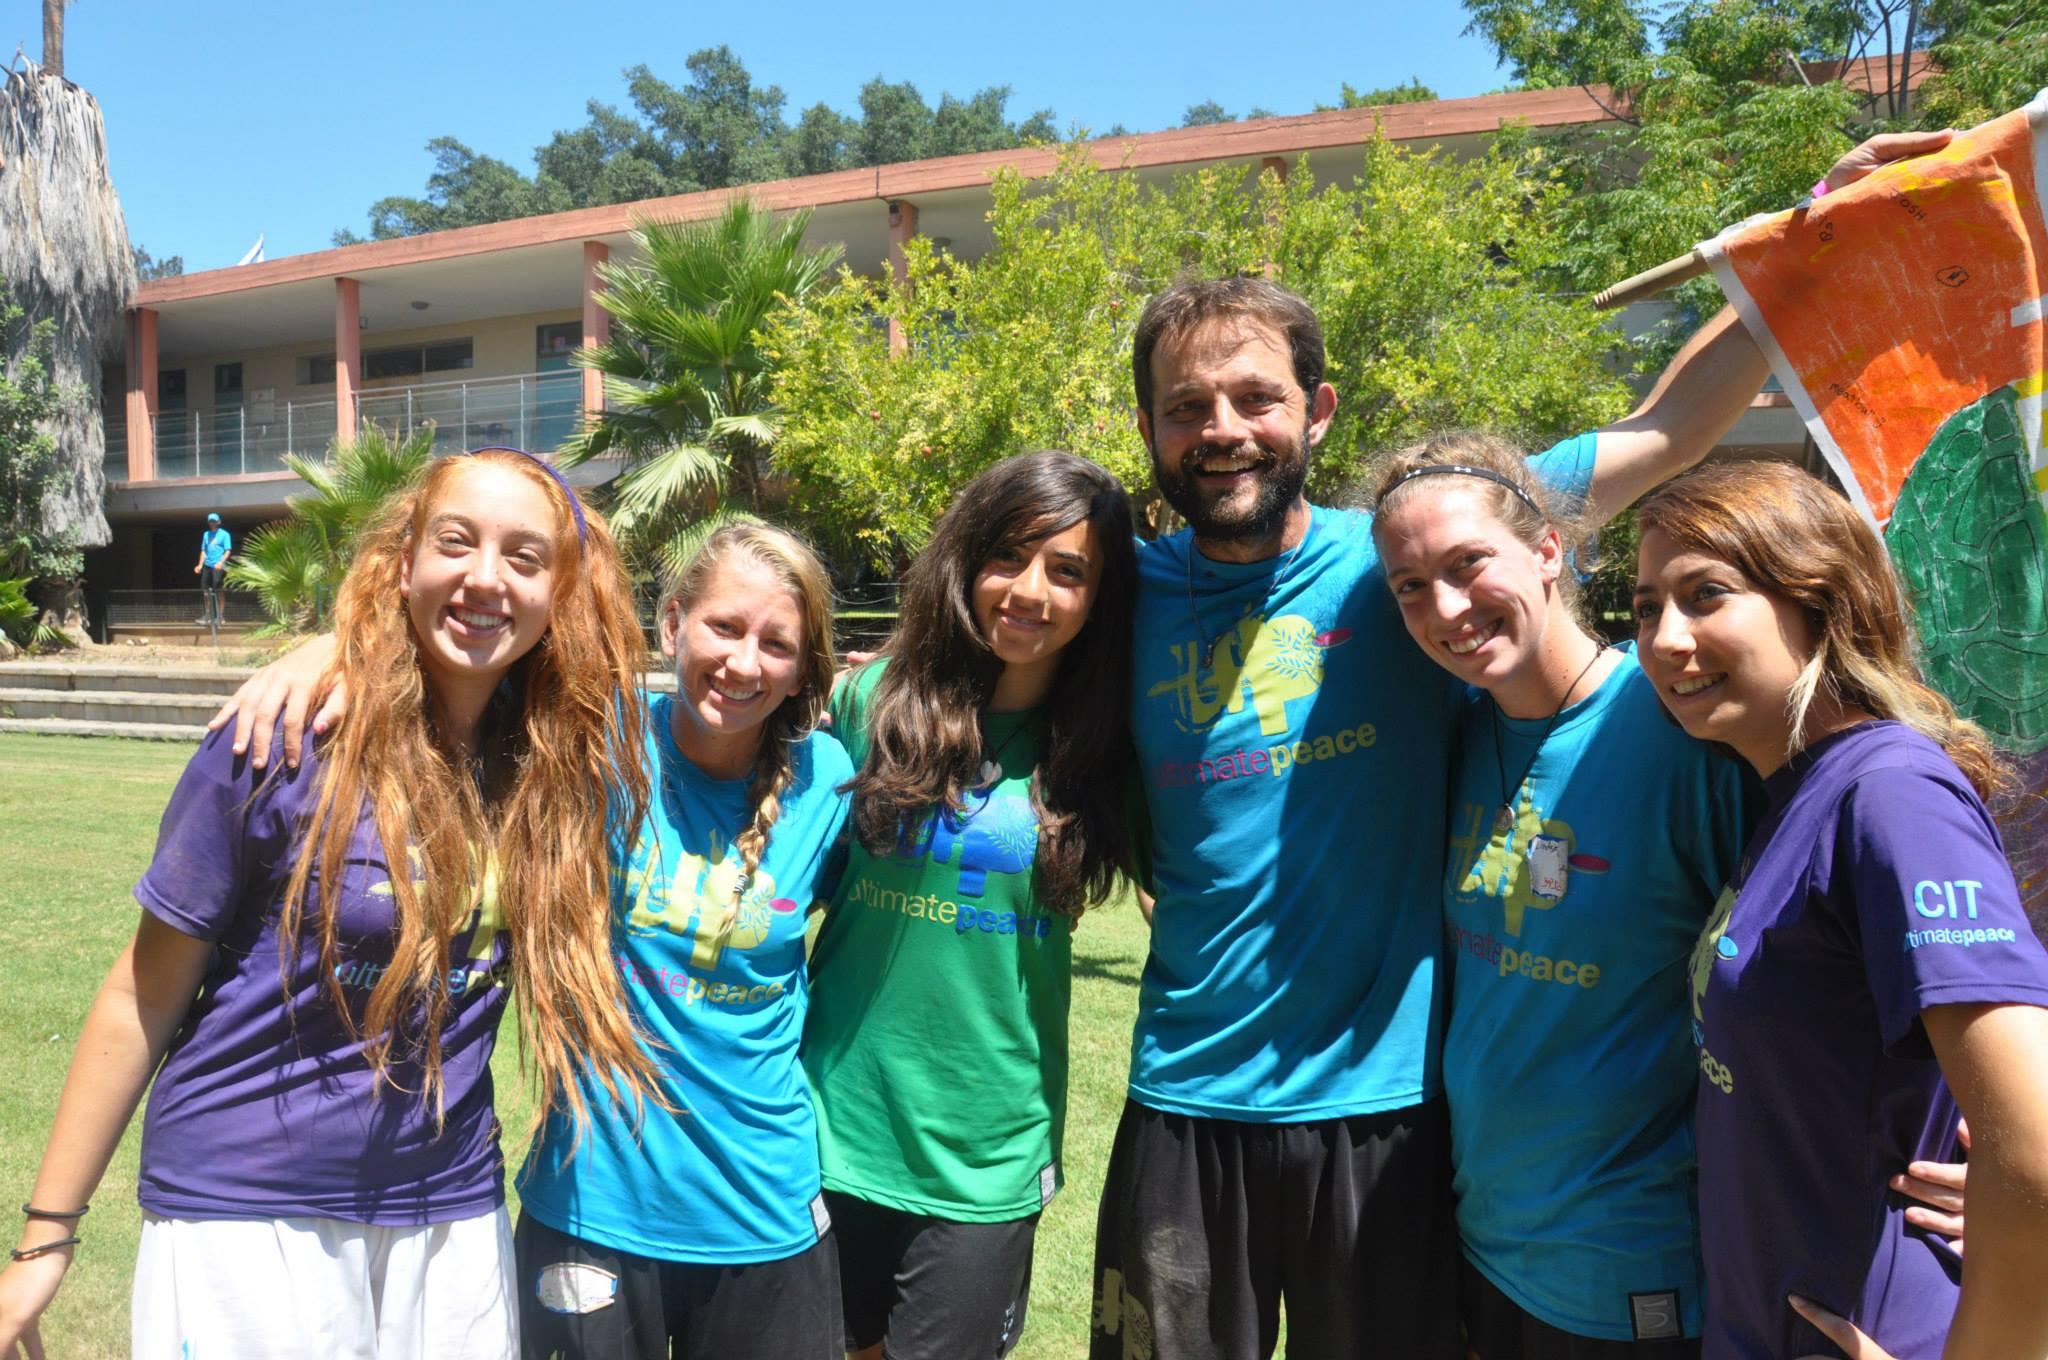 Students at Kfar Silver